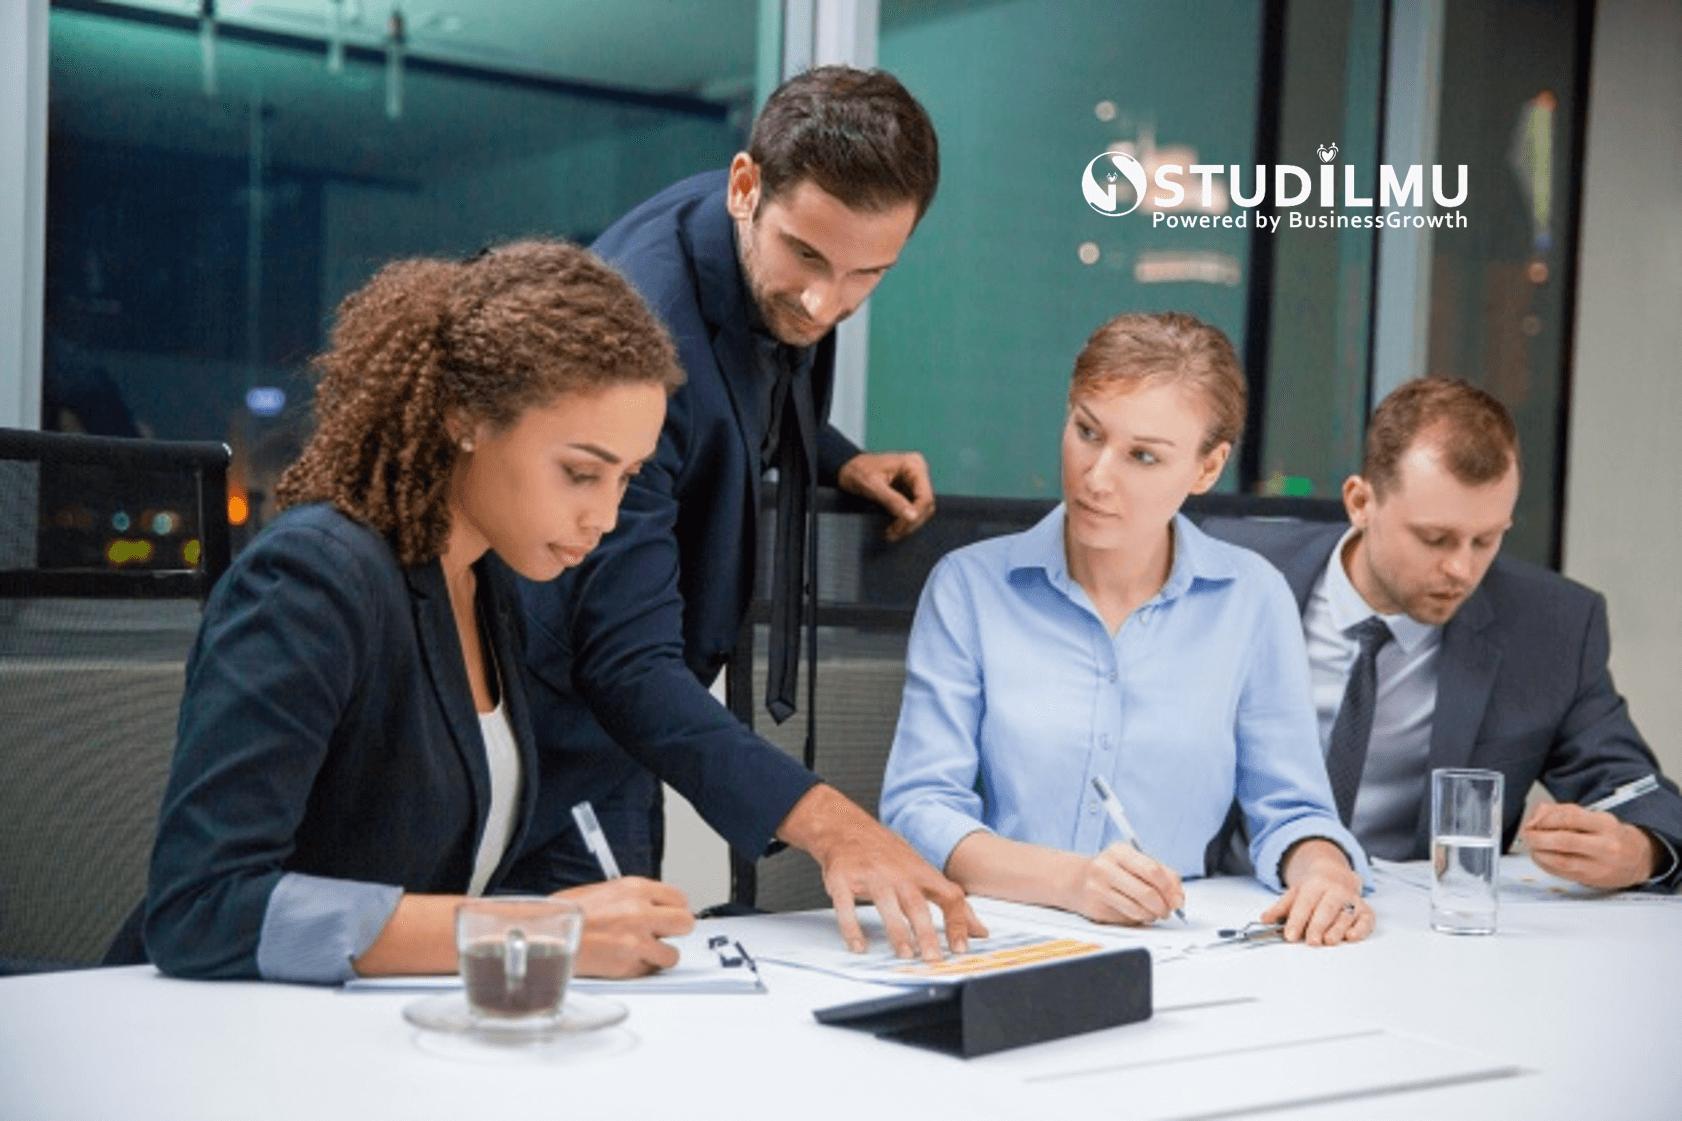 STUDILMU Career Advice - 4 Kemampuan Manajerial yang Harus Dimiliki di Era Digital